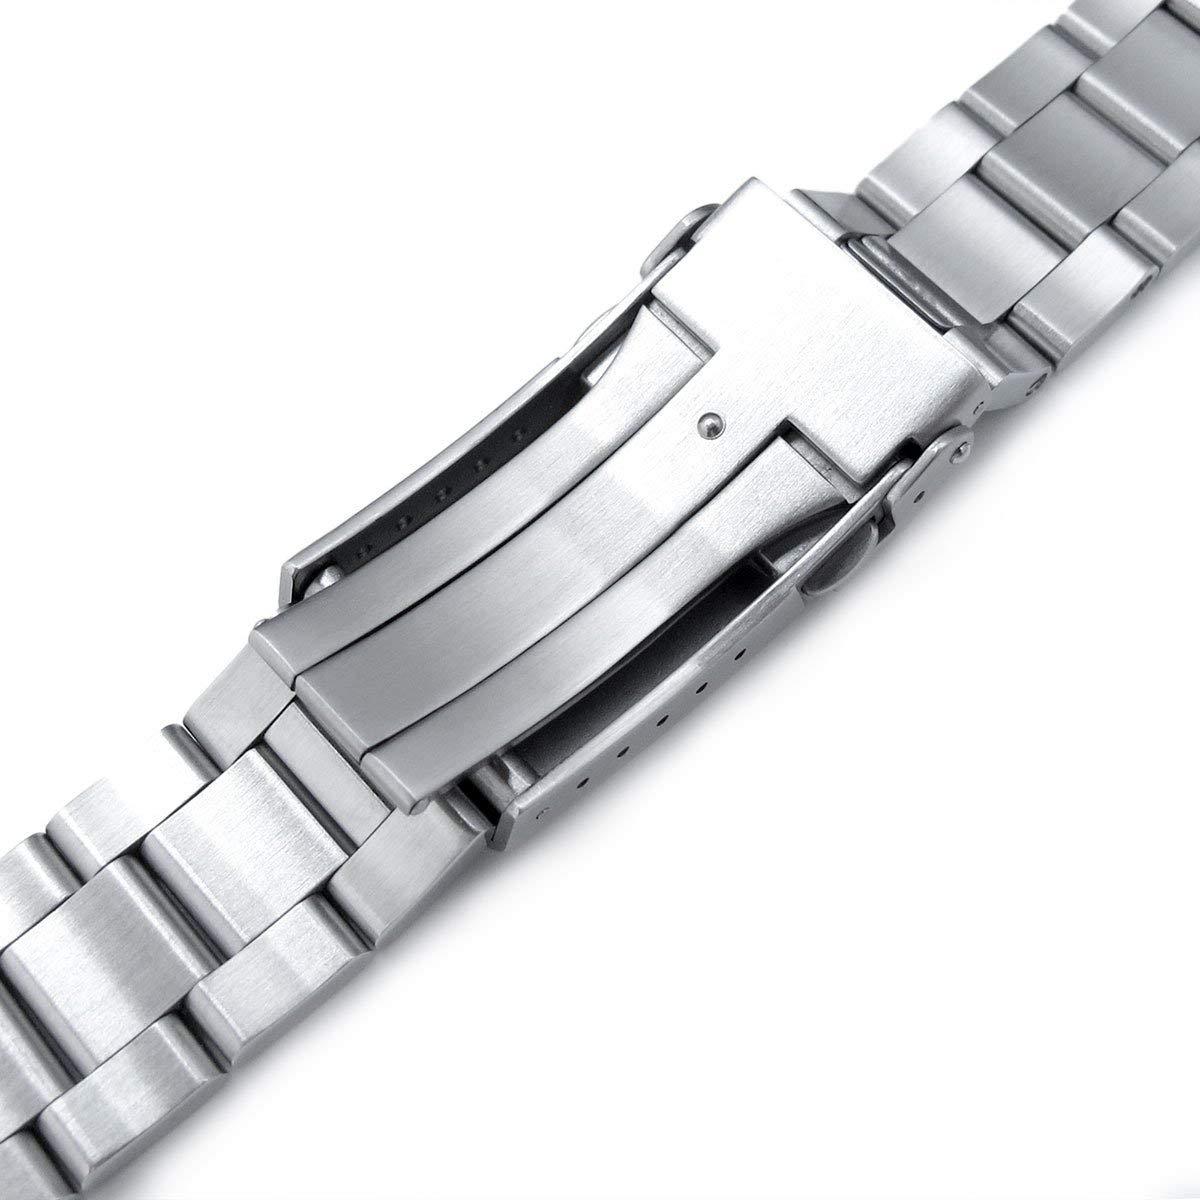 22mm Super 3D Oyster 316L SS Watch Bracelet for Tudor Black Bay, V-Clasp Brushed by MiLTAT (Image #5)